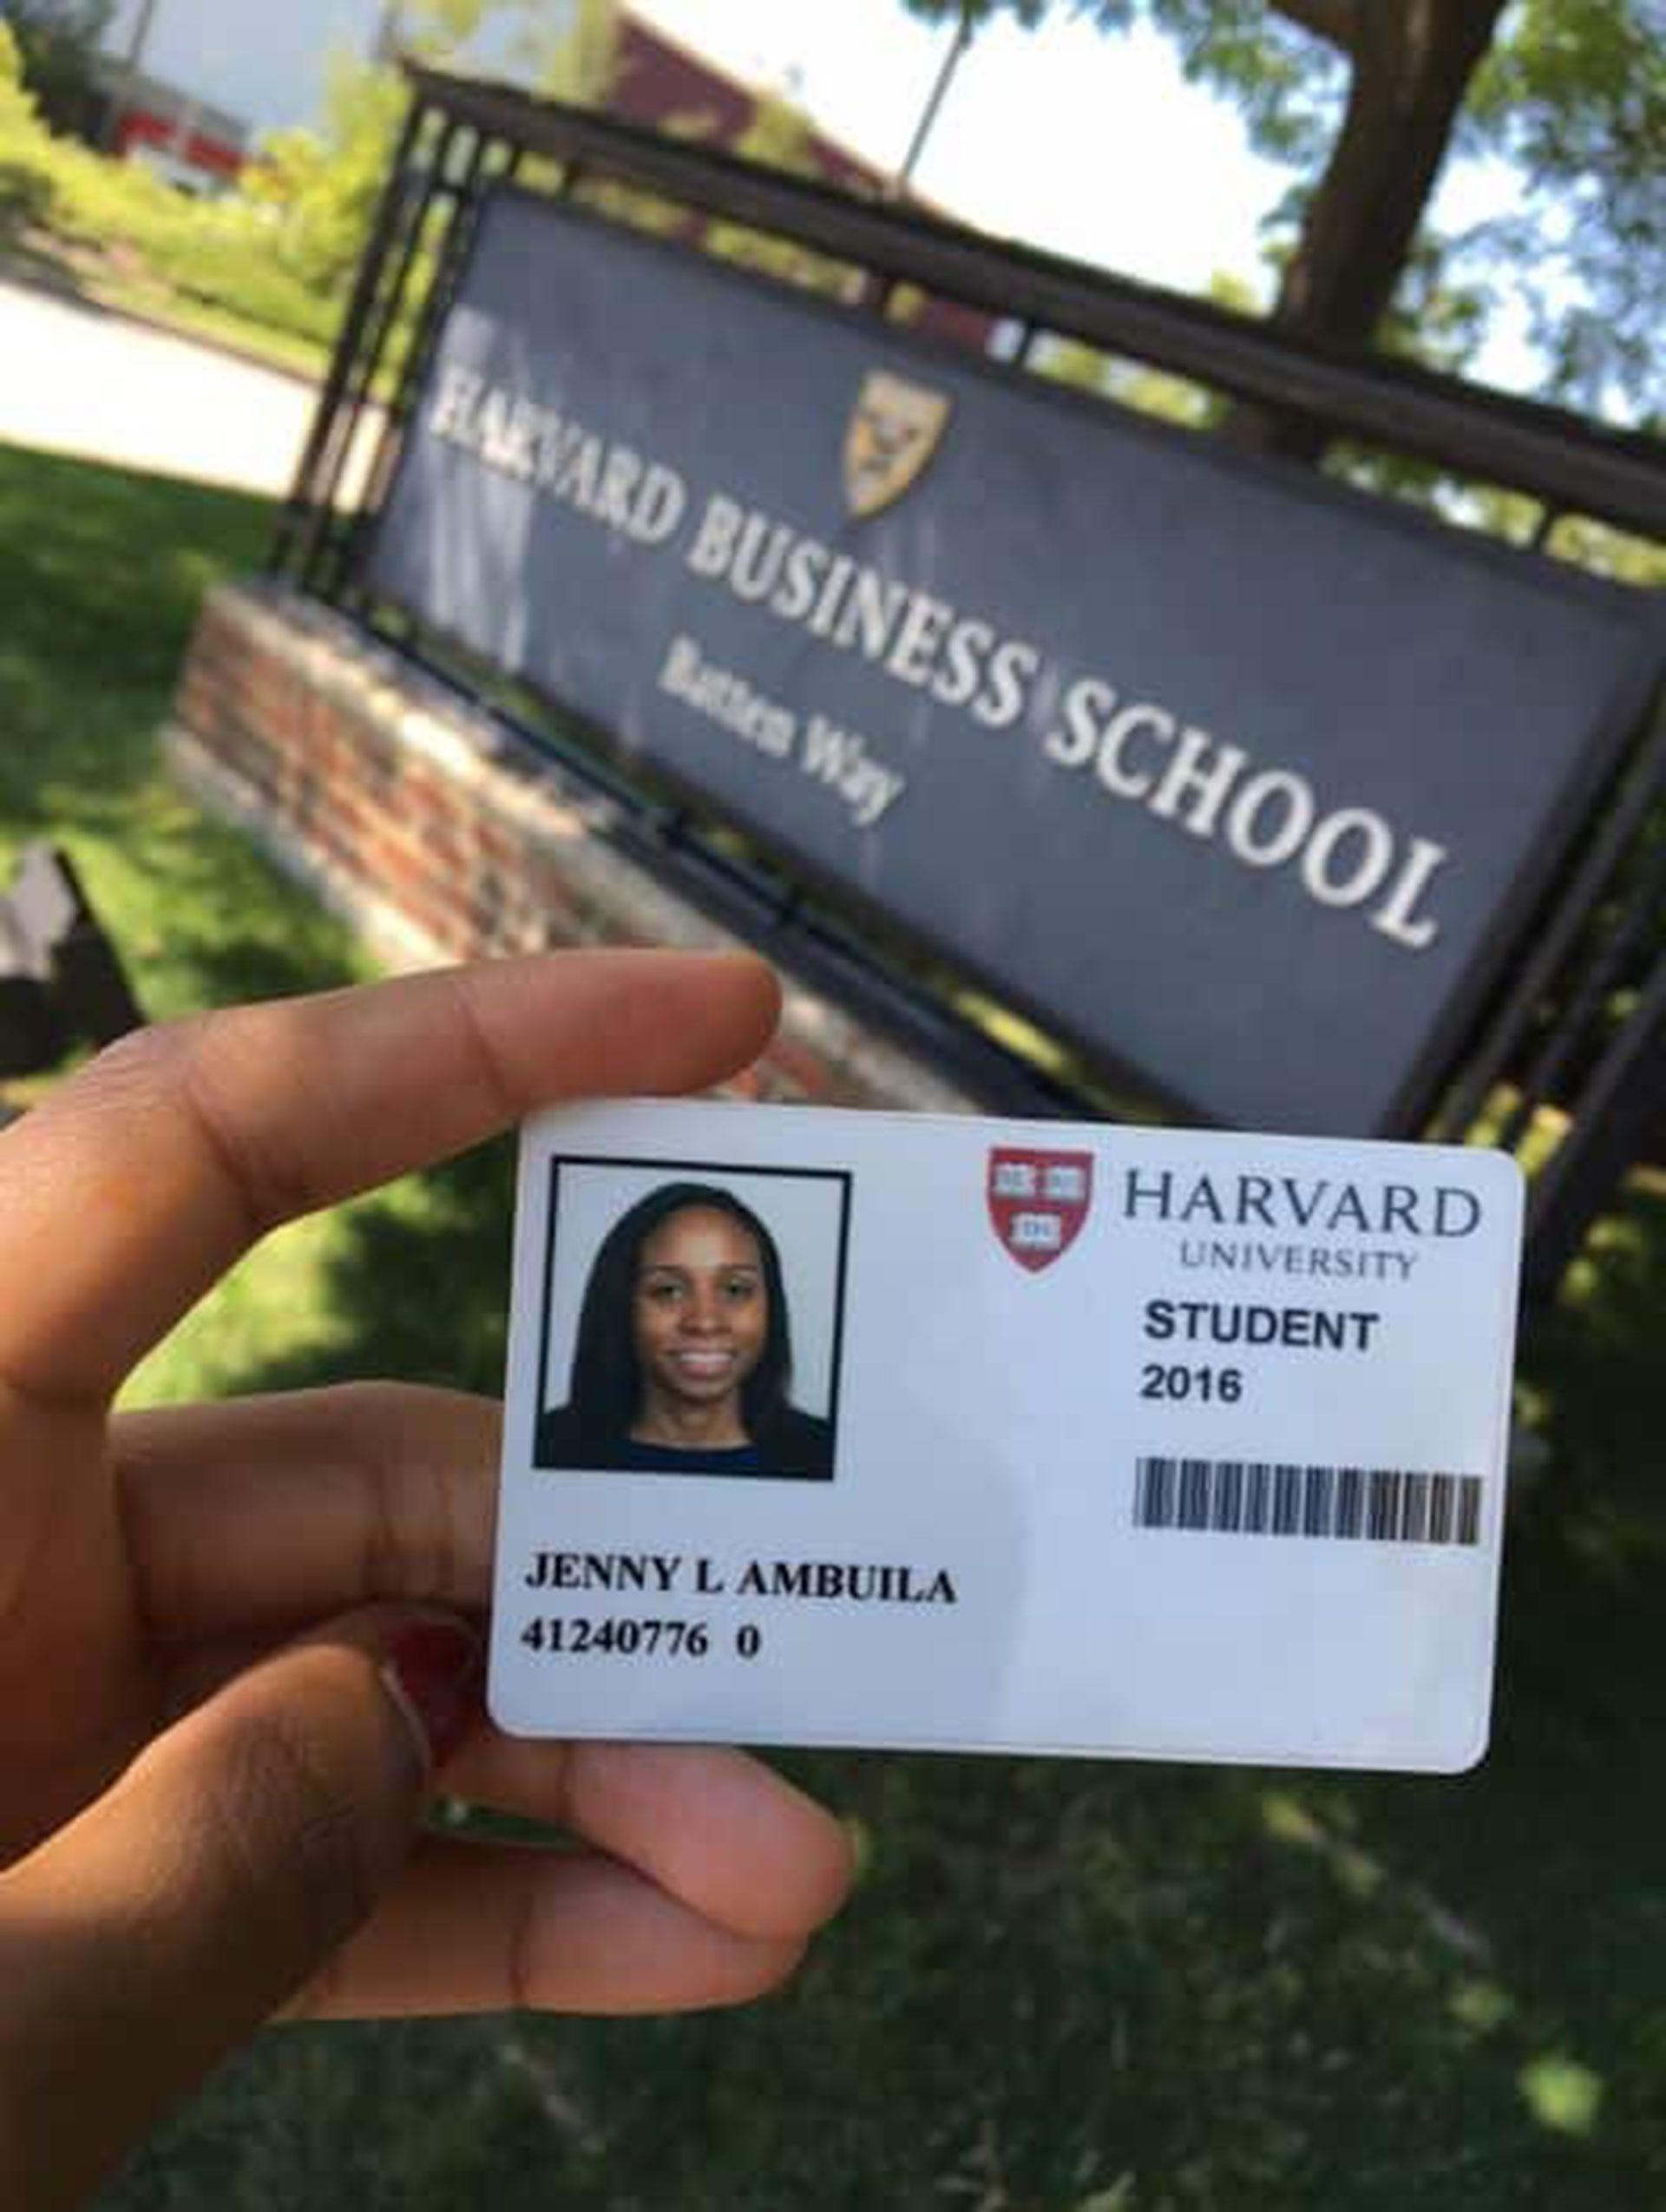 La joven estudiaba en la universidad de Harvard, en Estados Unidos, una de las más prestigiosas y costosas del mundo.